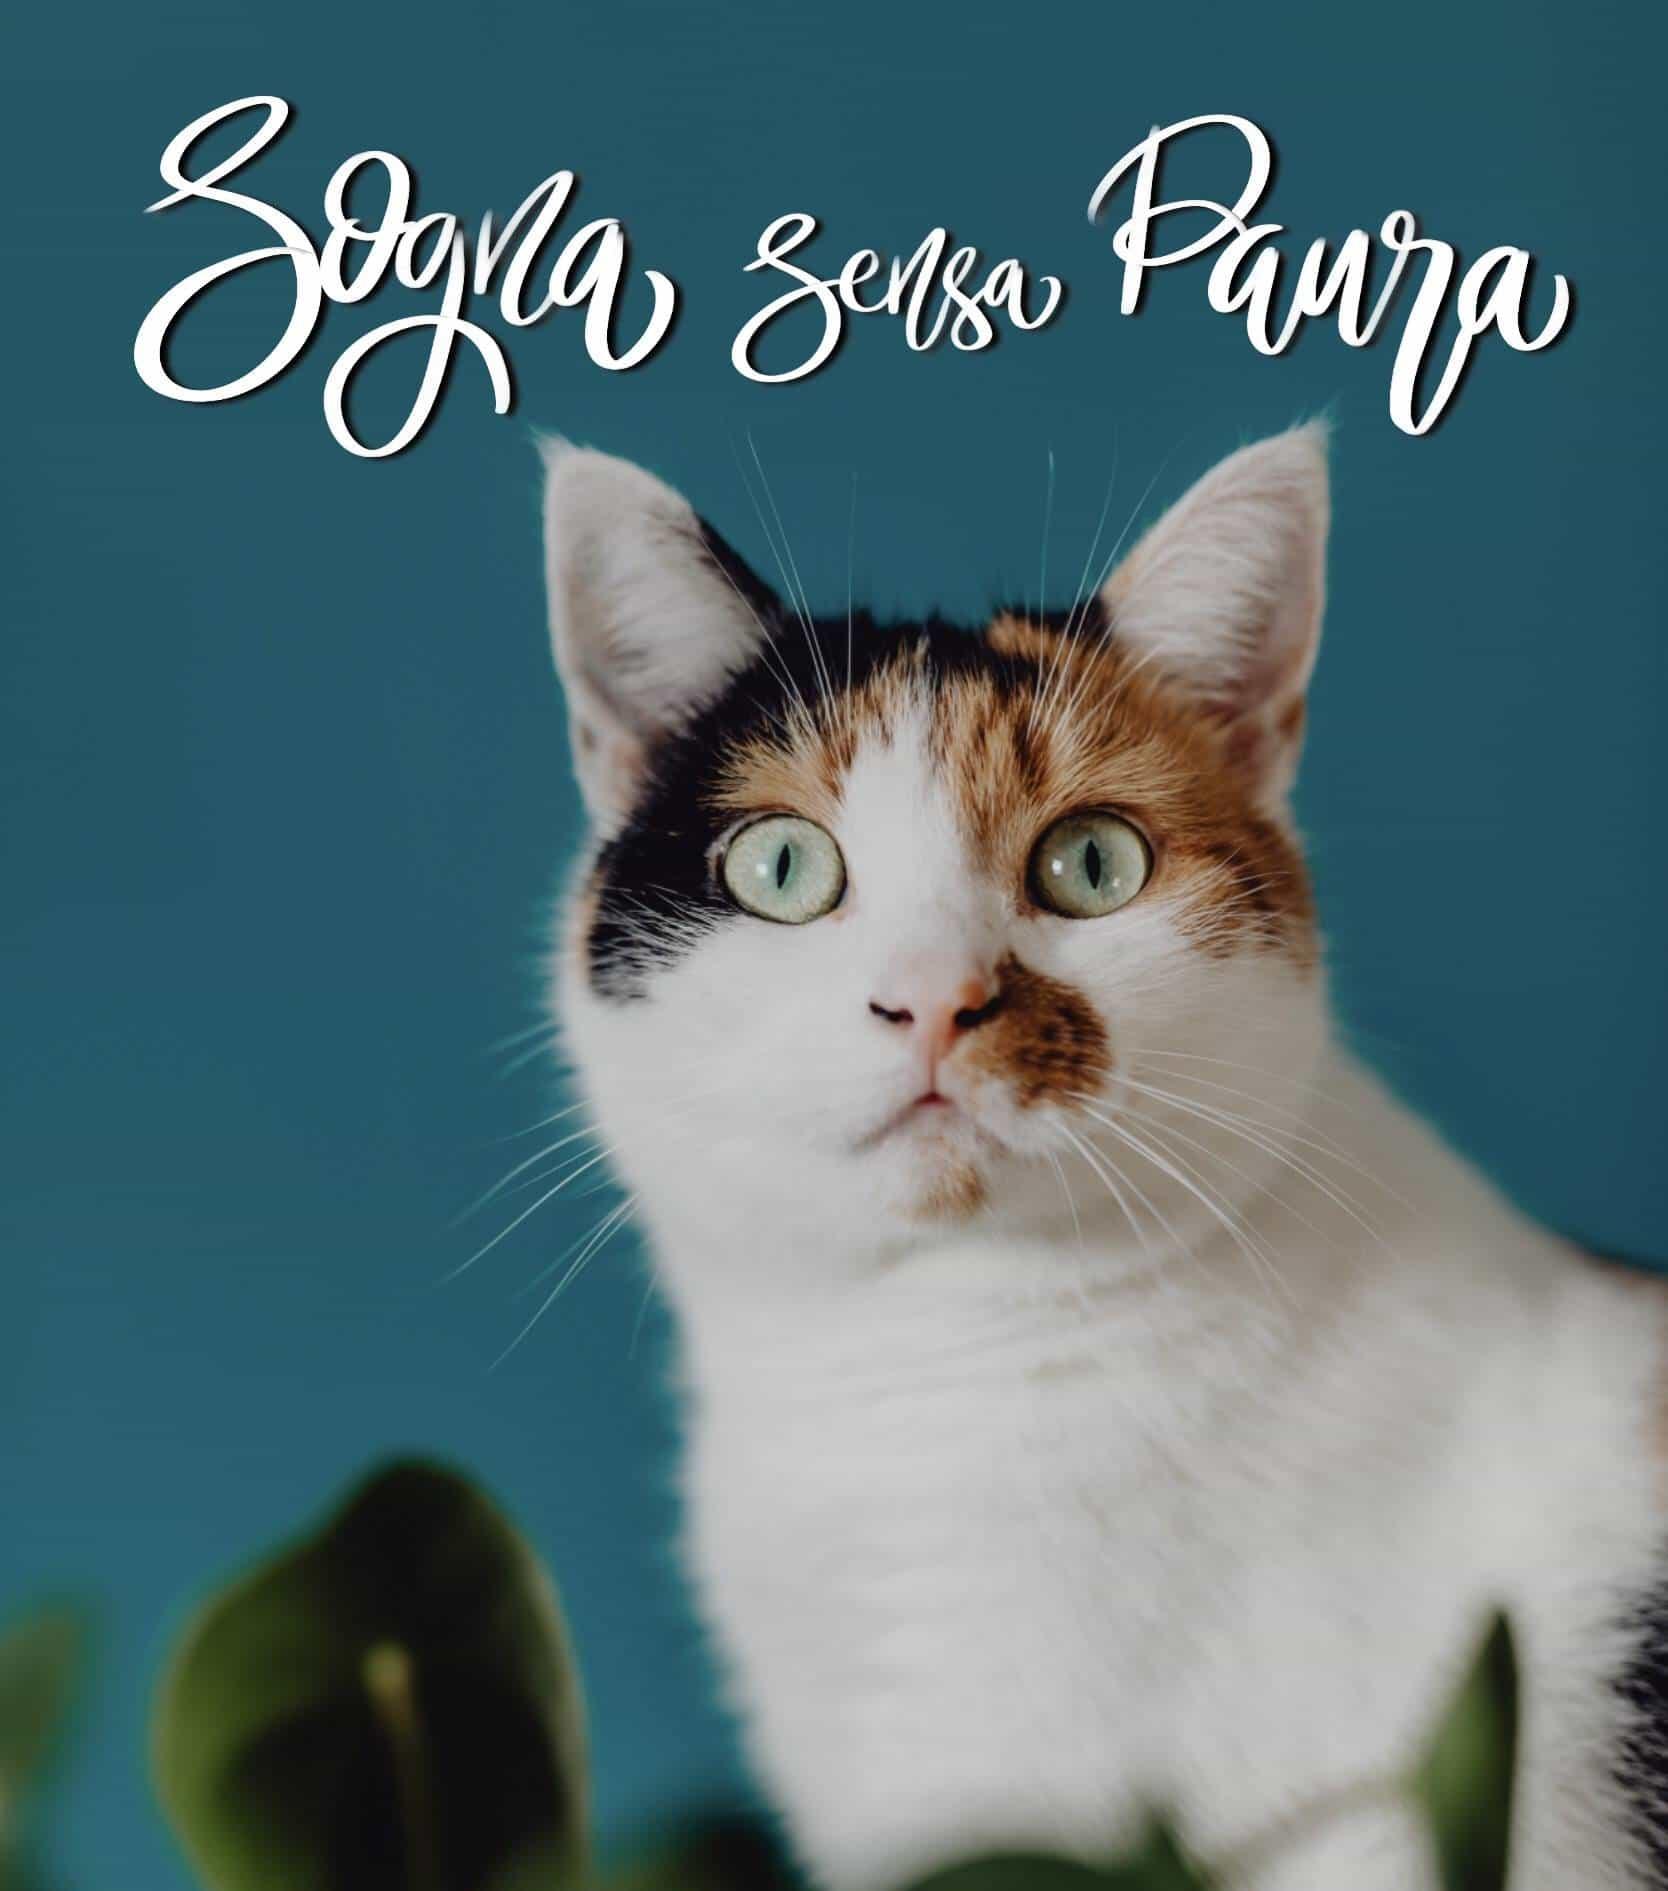 Le Immagini Del Buongiorno Con I Gatti Augurate Buona Giornata